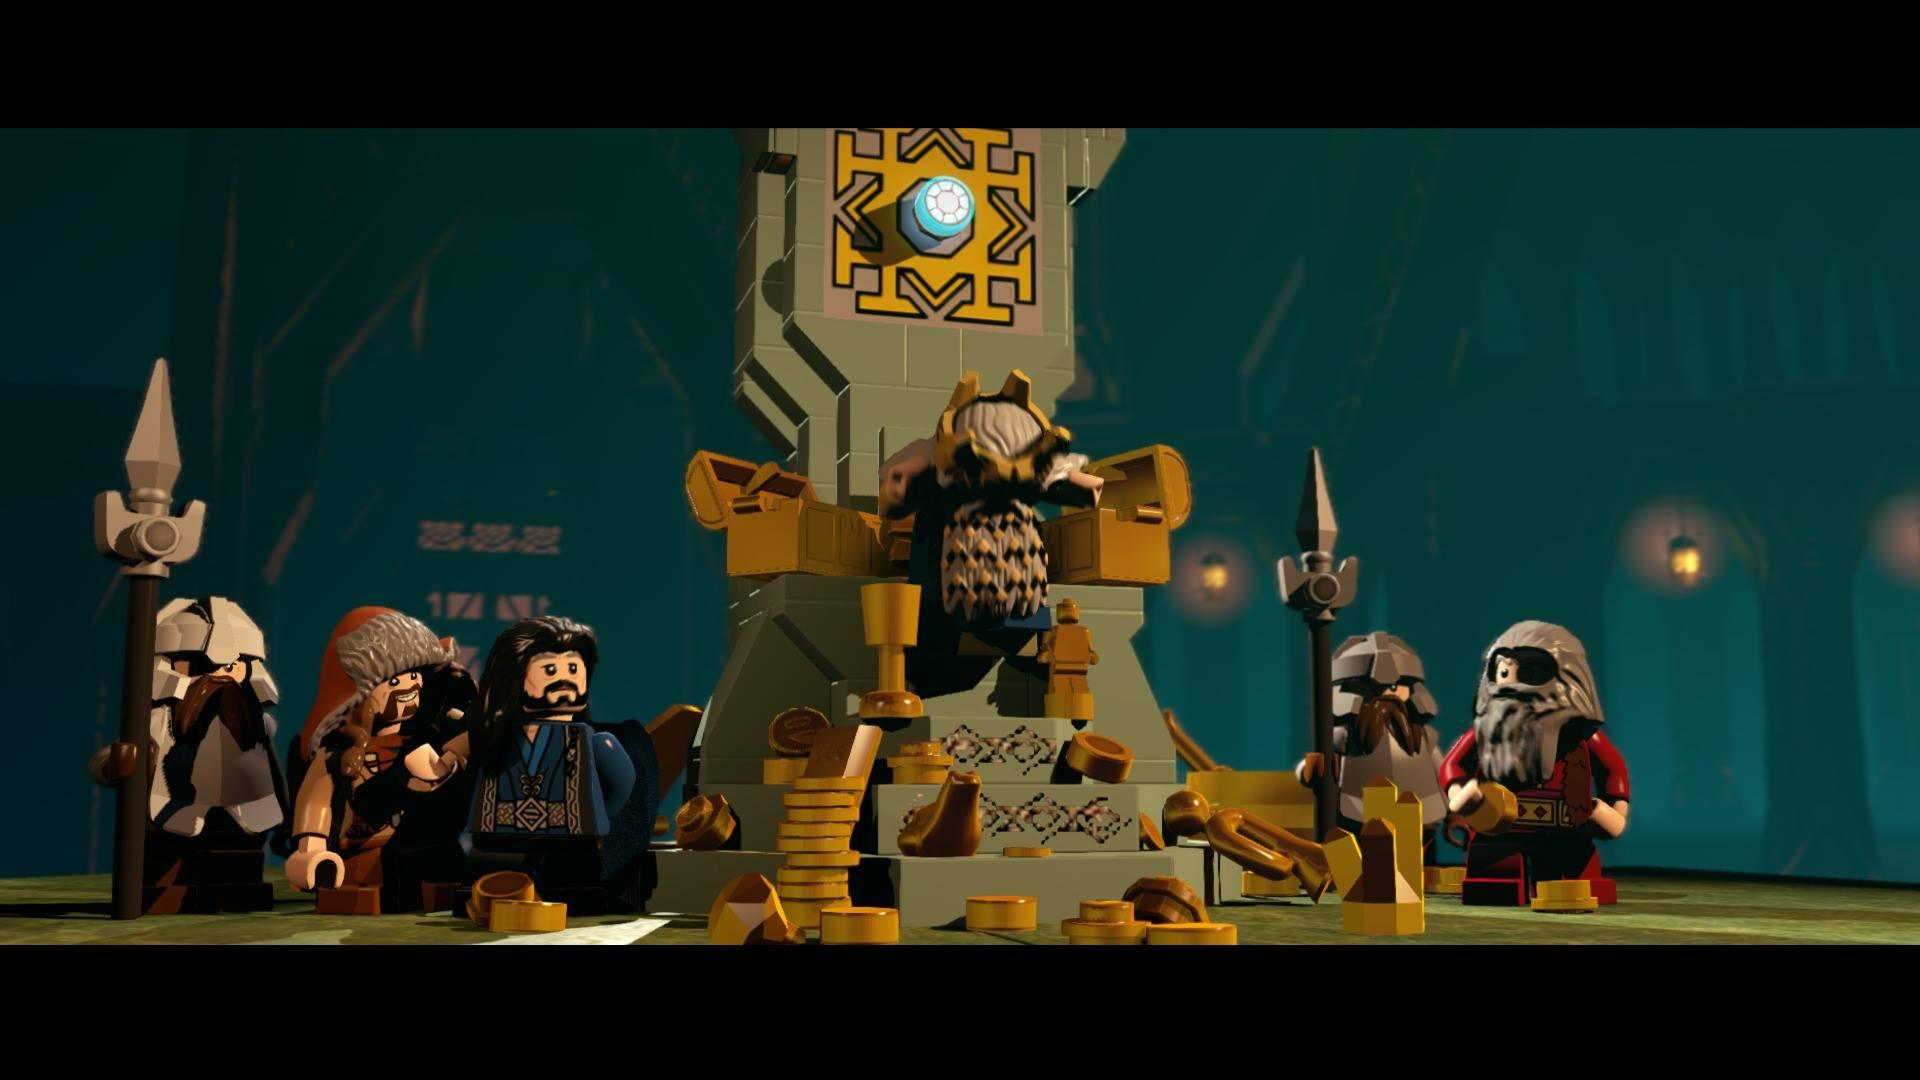 LEGO: The Hobbit sur PC, PlayStation 3, Xbox 360 et 4 autres